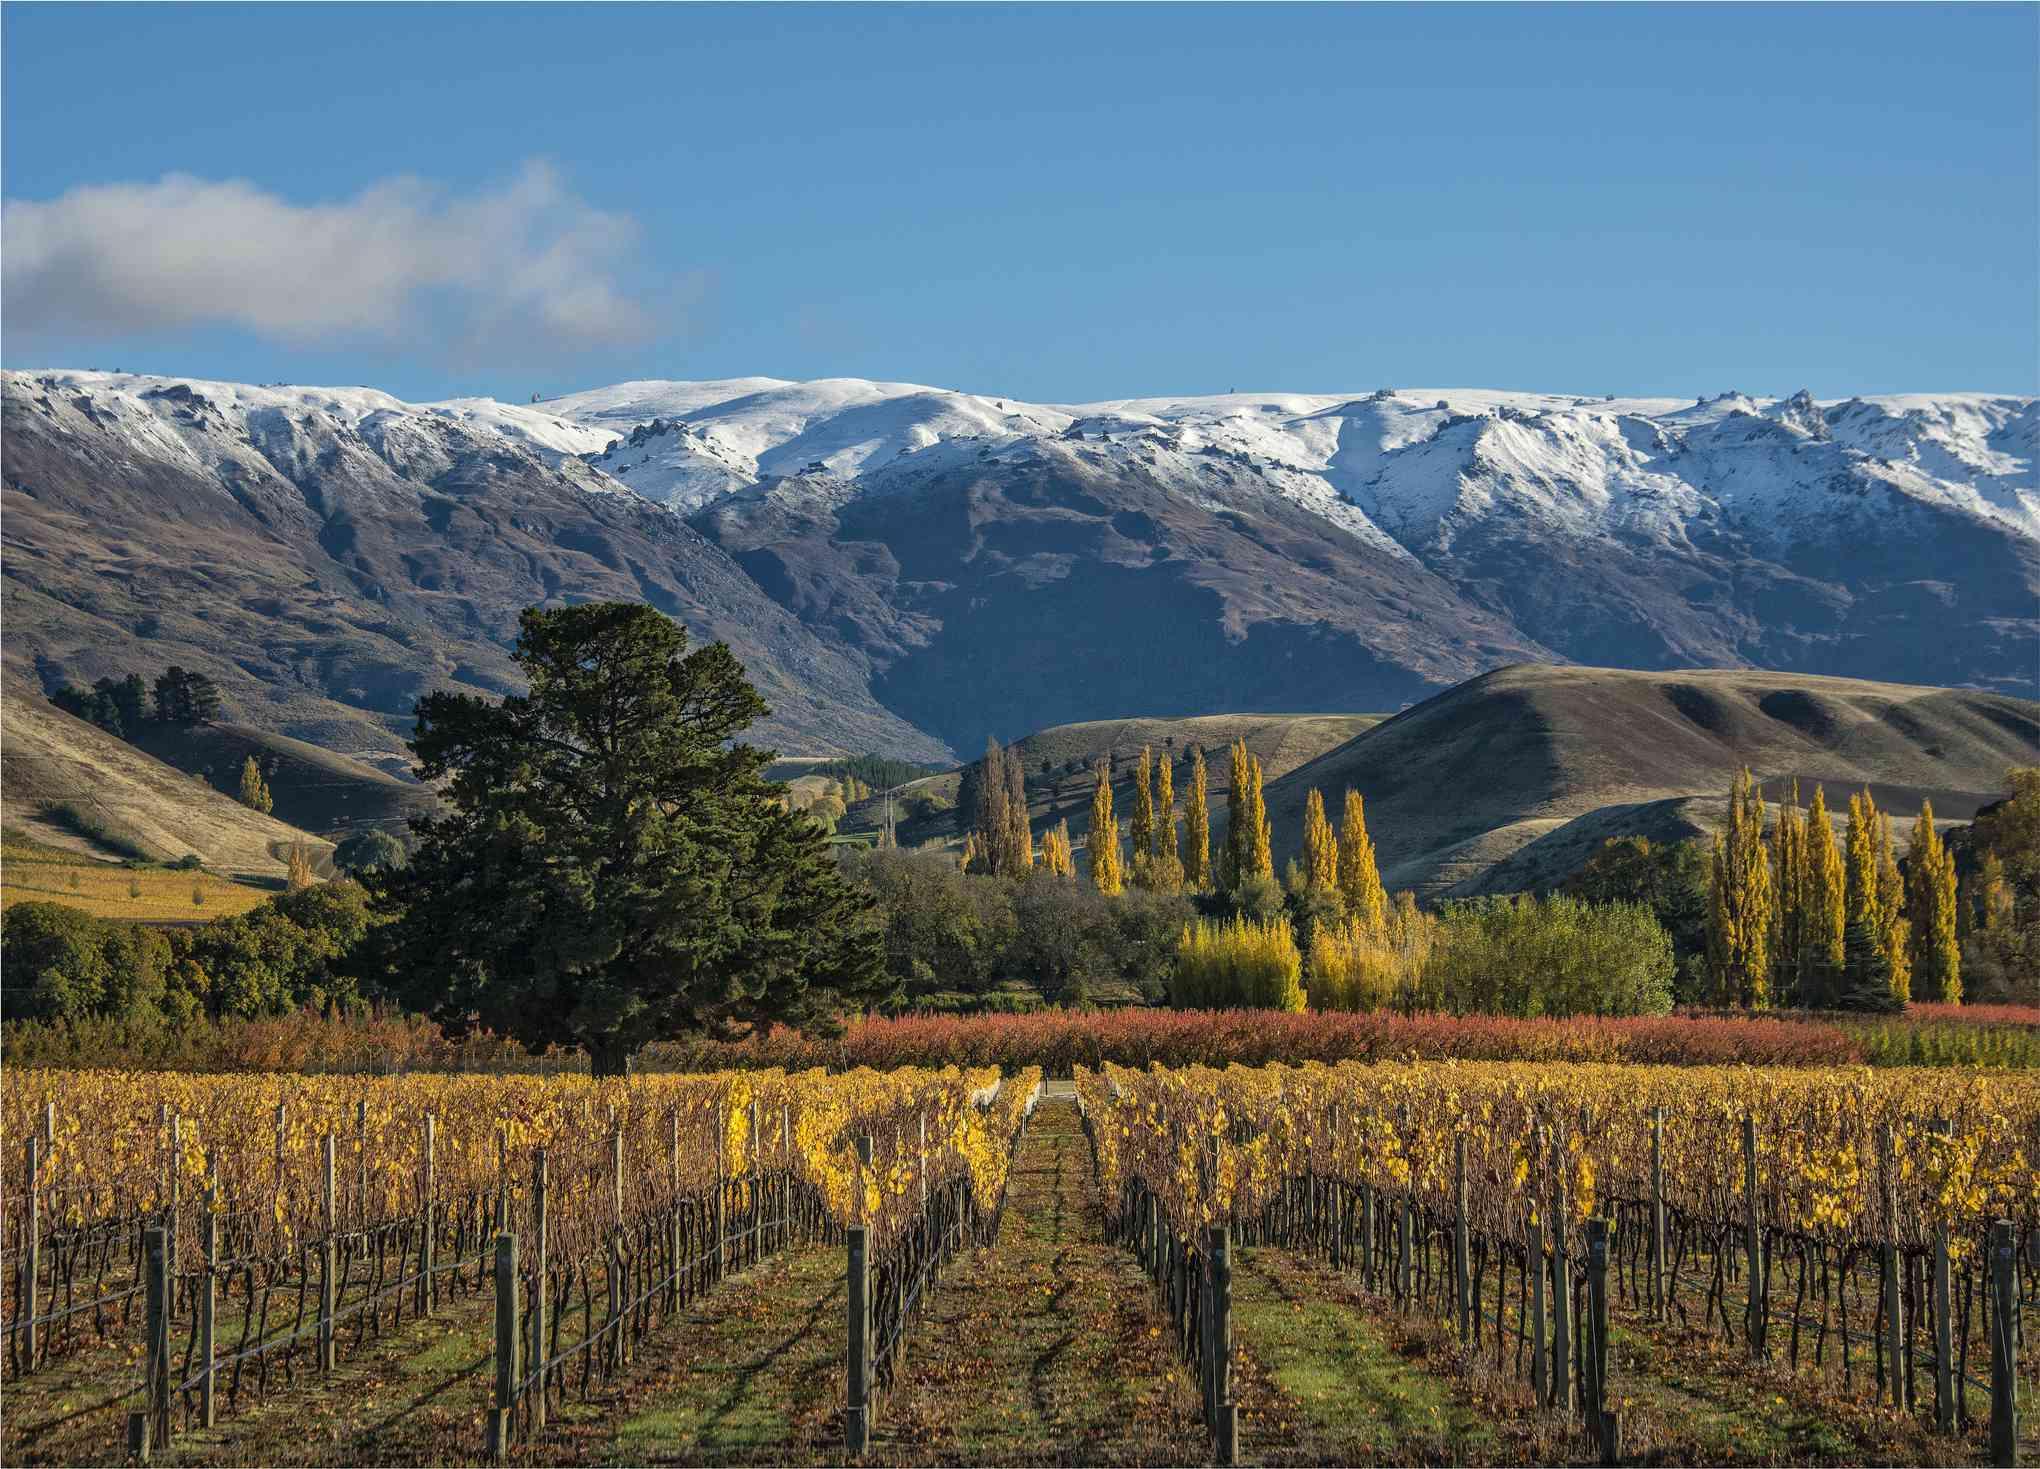 Colores otoñales en un viñedo cerca de Cromwell, Isla Sur de Nueva Zelanda